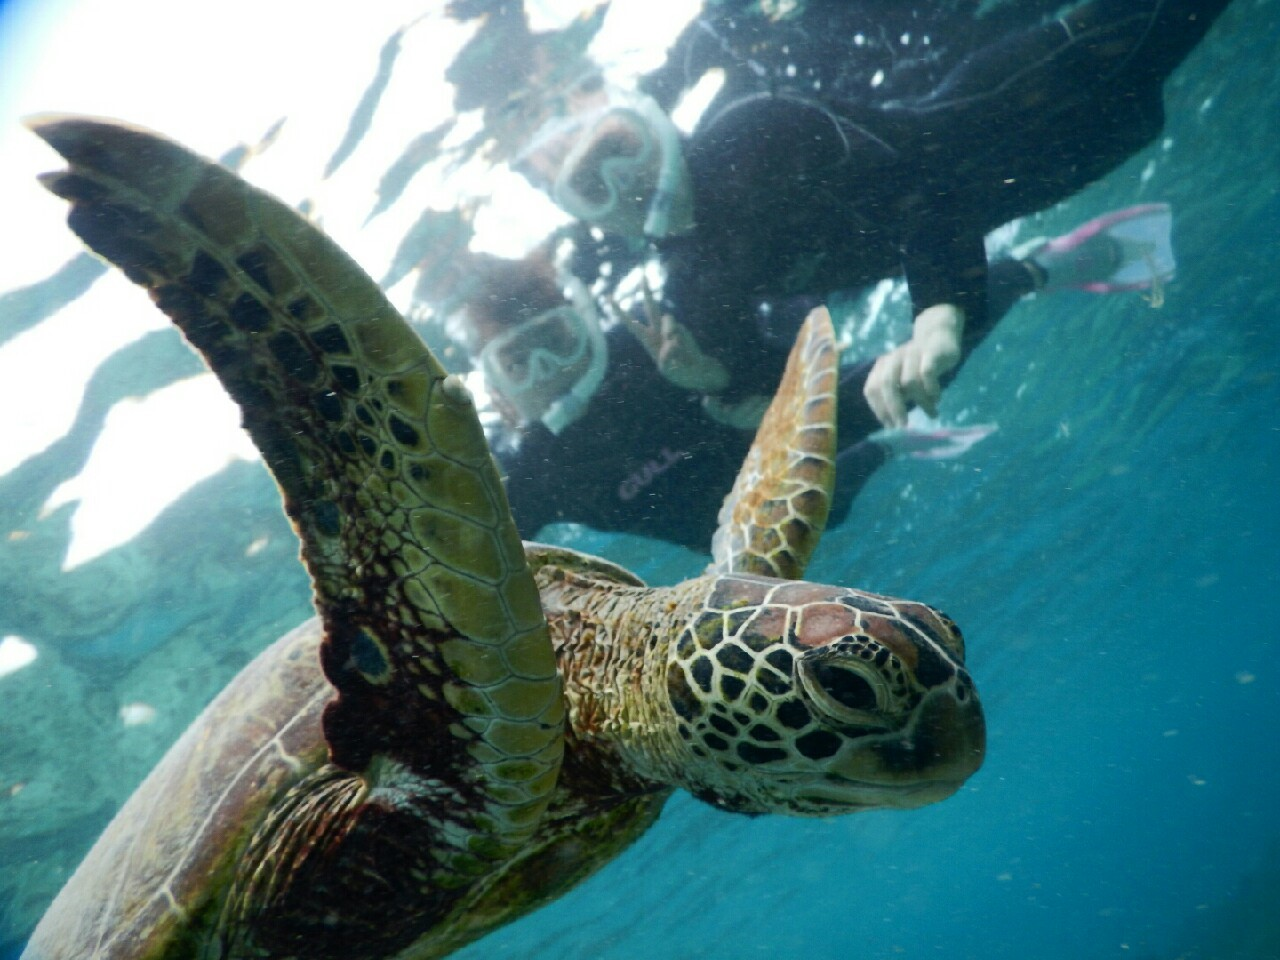 羽ばたけウミガメさん宮古島の海で